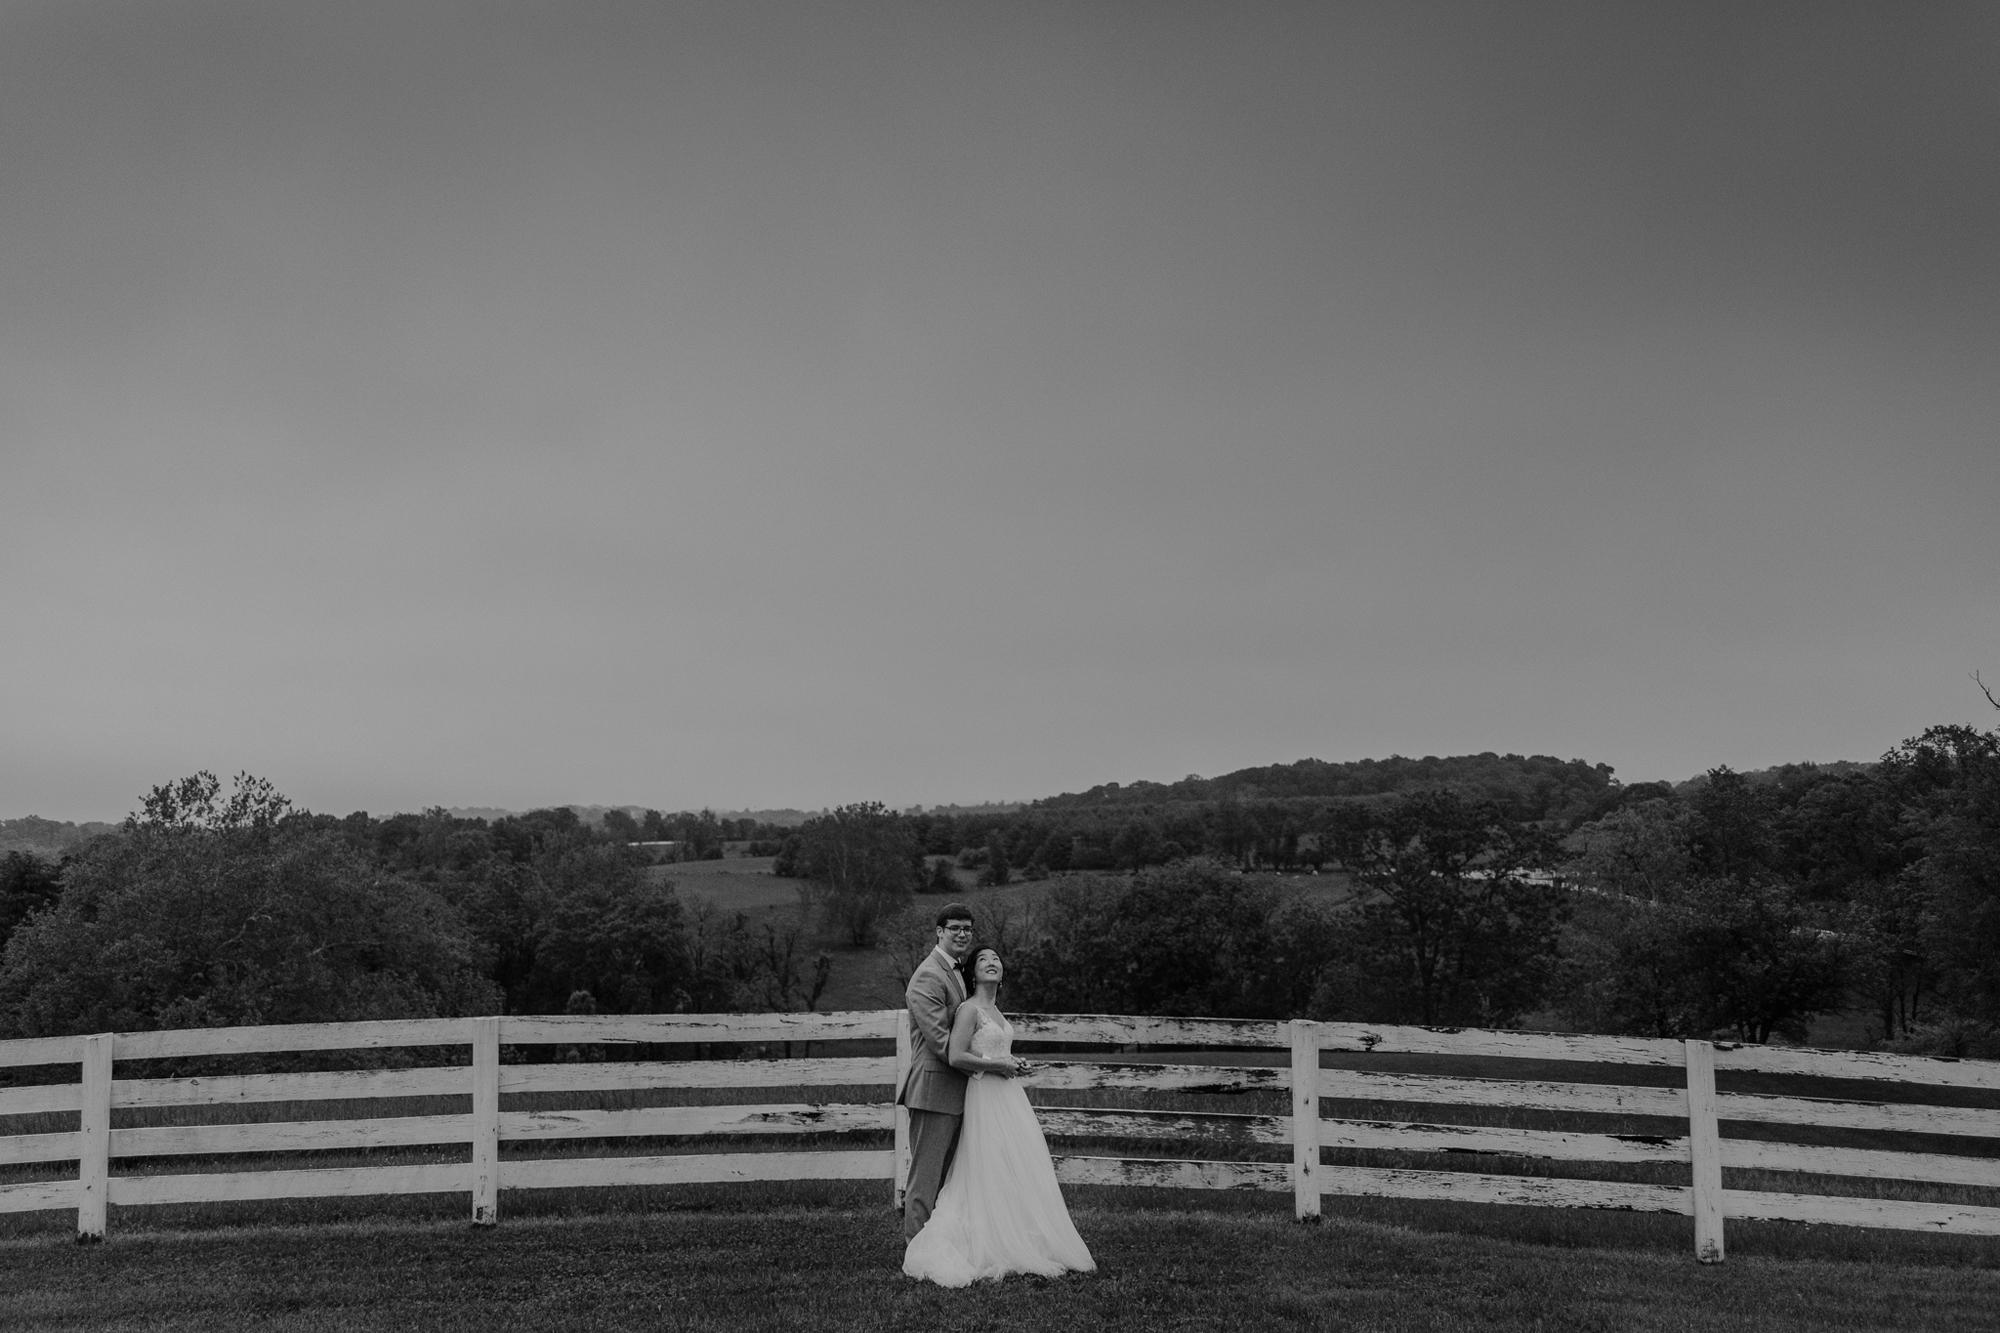 059-Blue_Hill_Farm_Waterford_Virginia.jpg